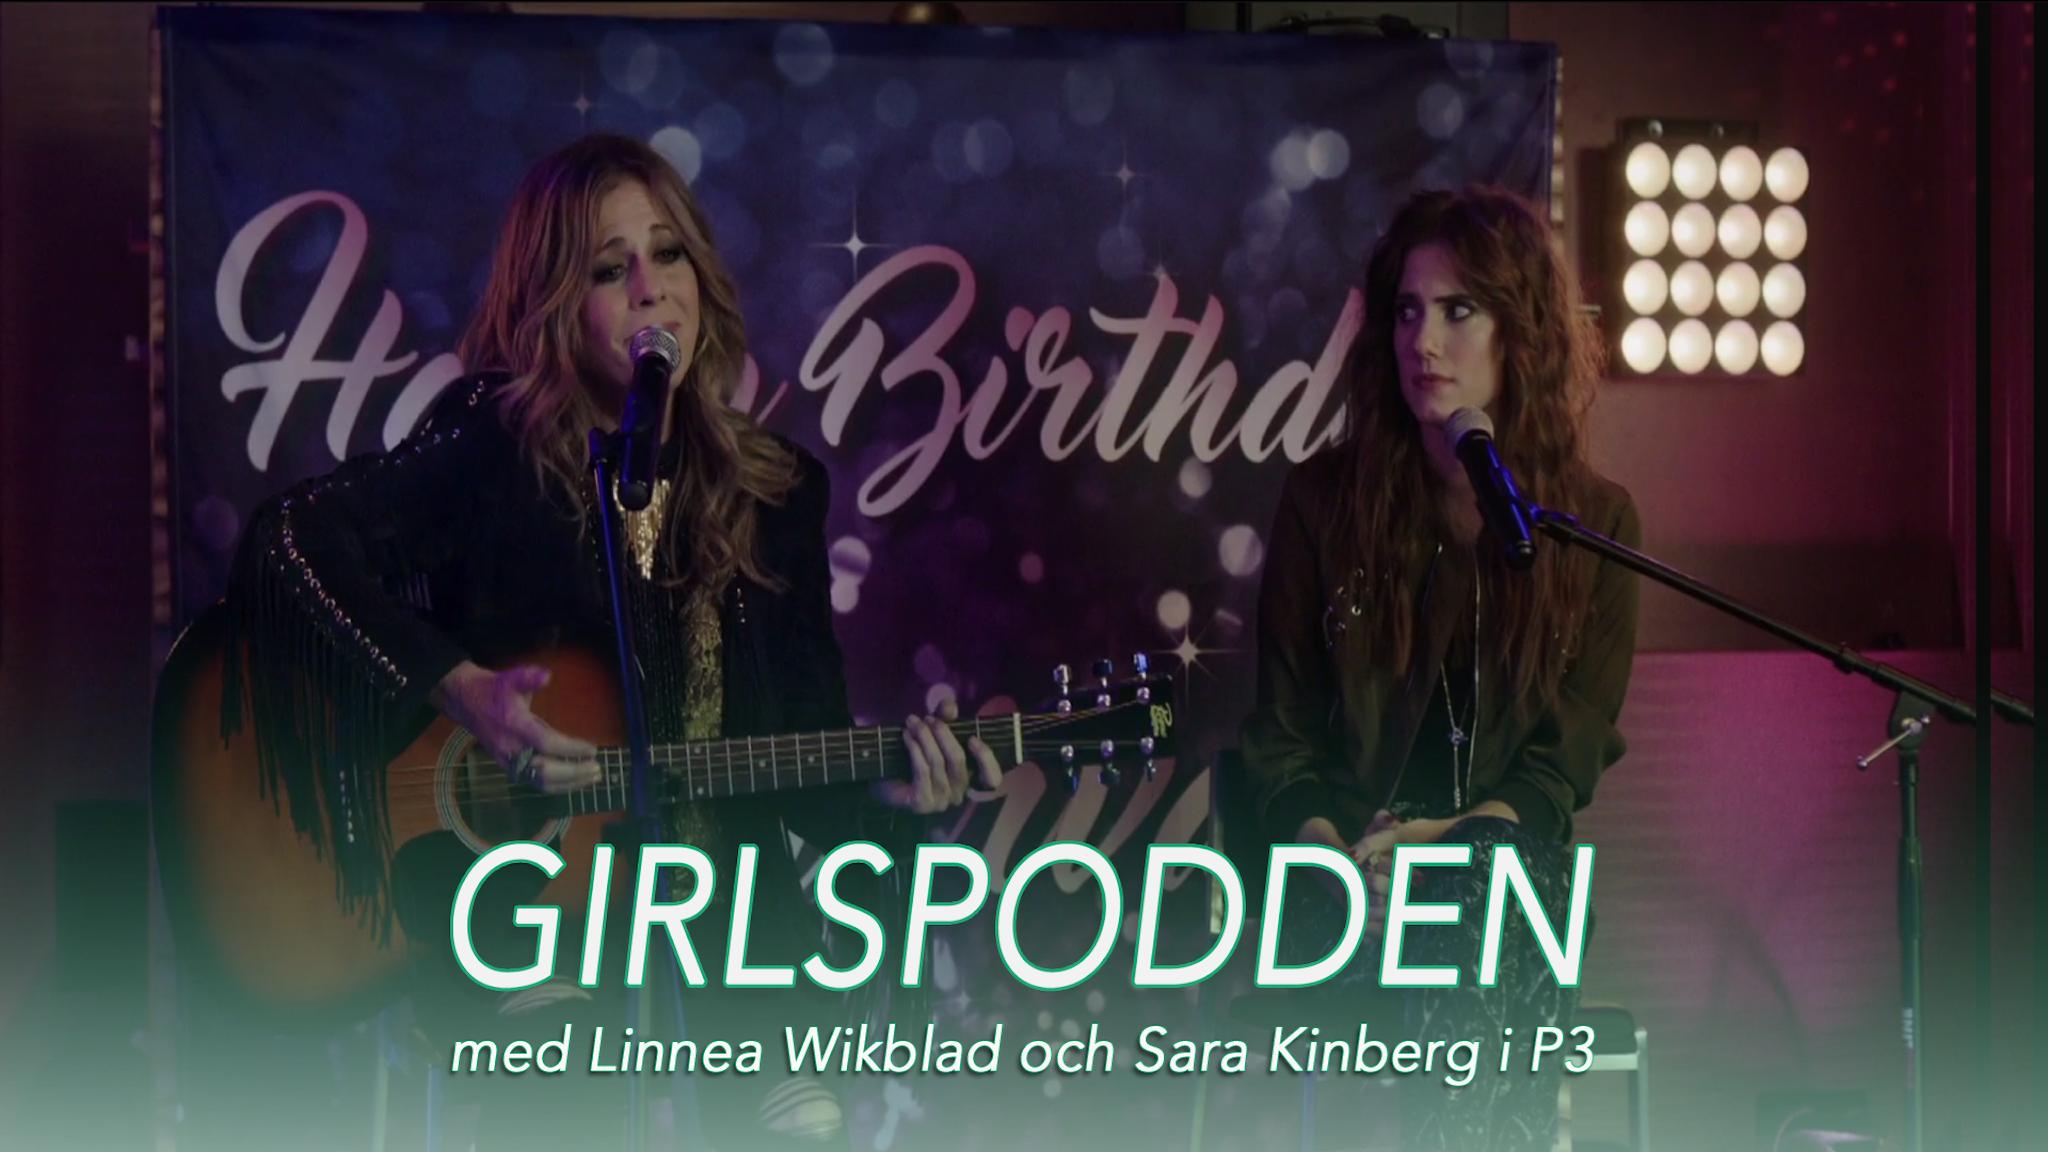 Marnie och hennes mamma sitte rpå scen och sjunger. Text: Girlspodden med Linnea Wikblad och Sara Kinberg i P3